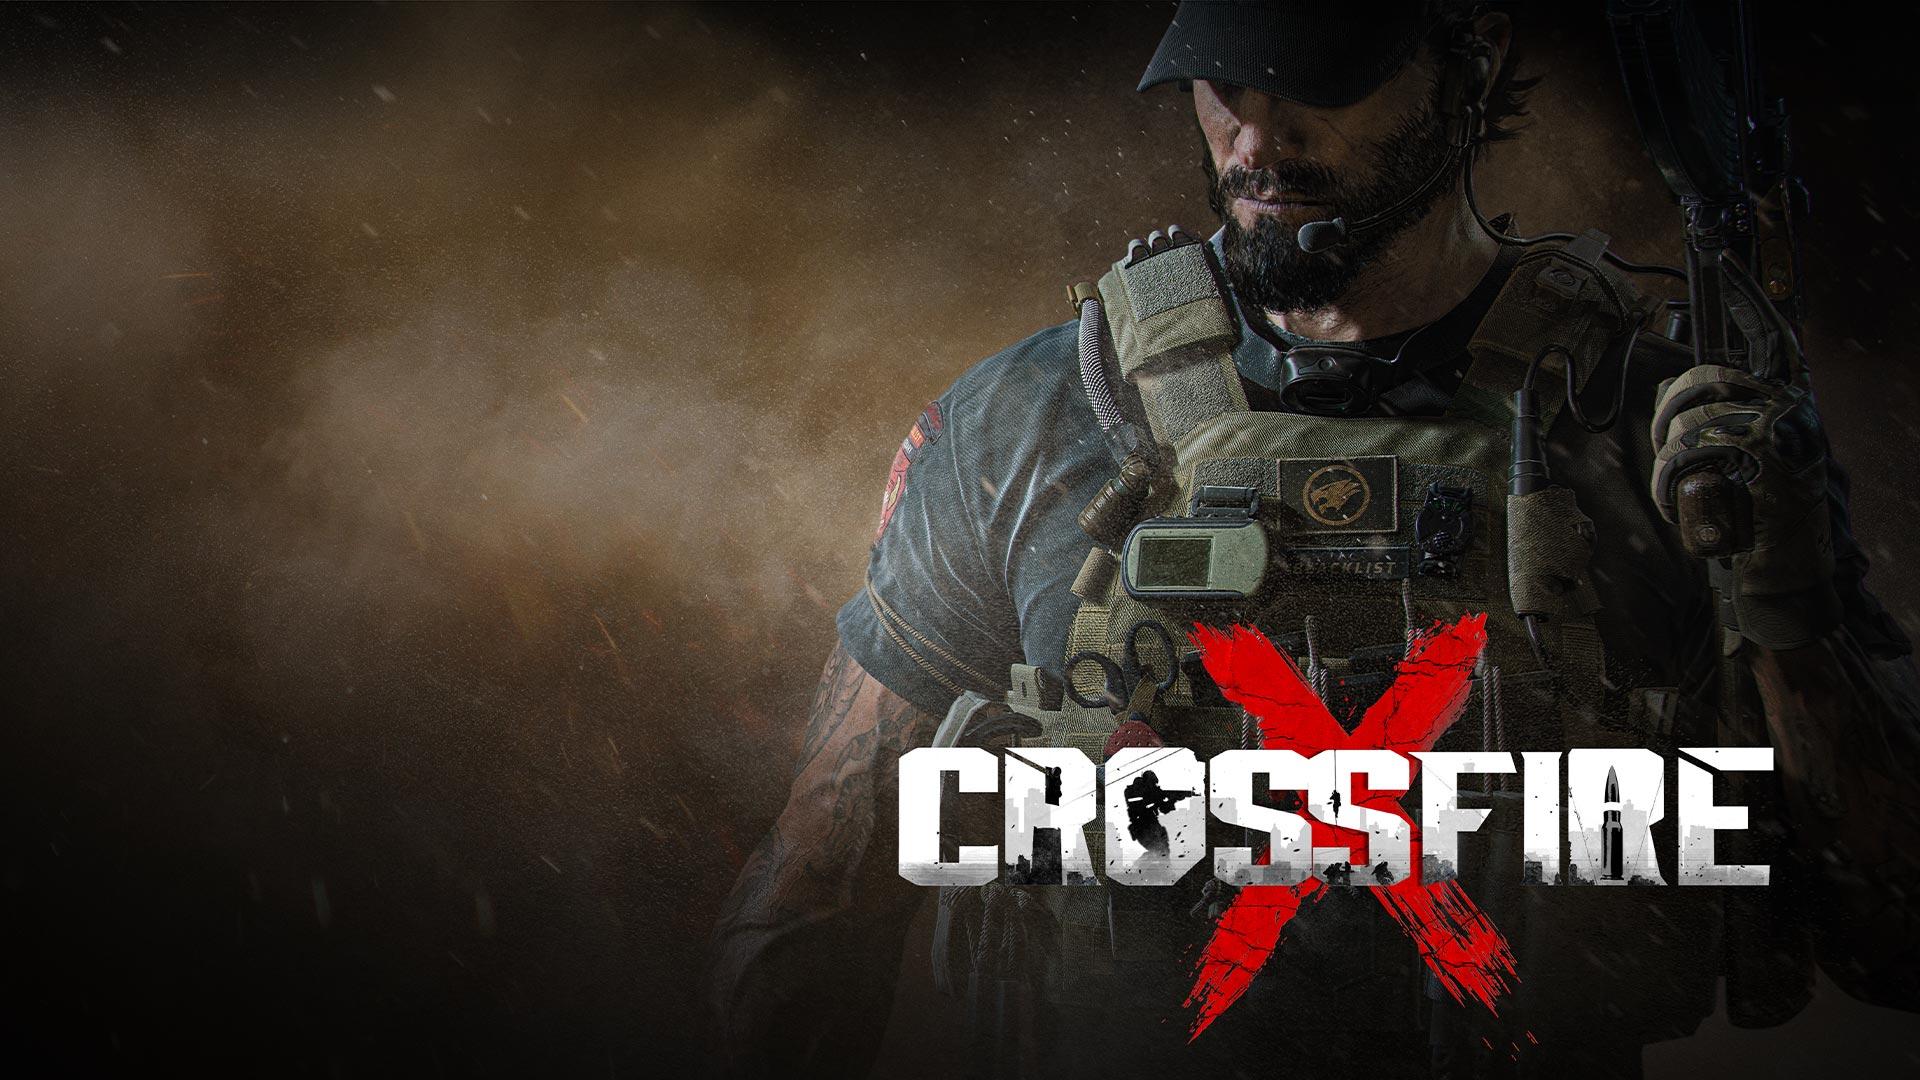 CrossfireX. Un hombre muy bien armado está de pie en medio del humo y la ceniza